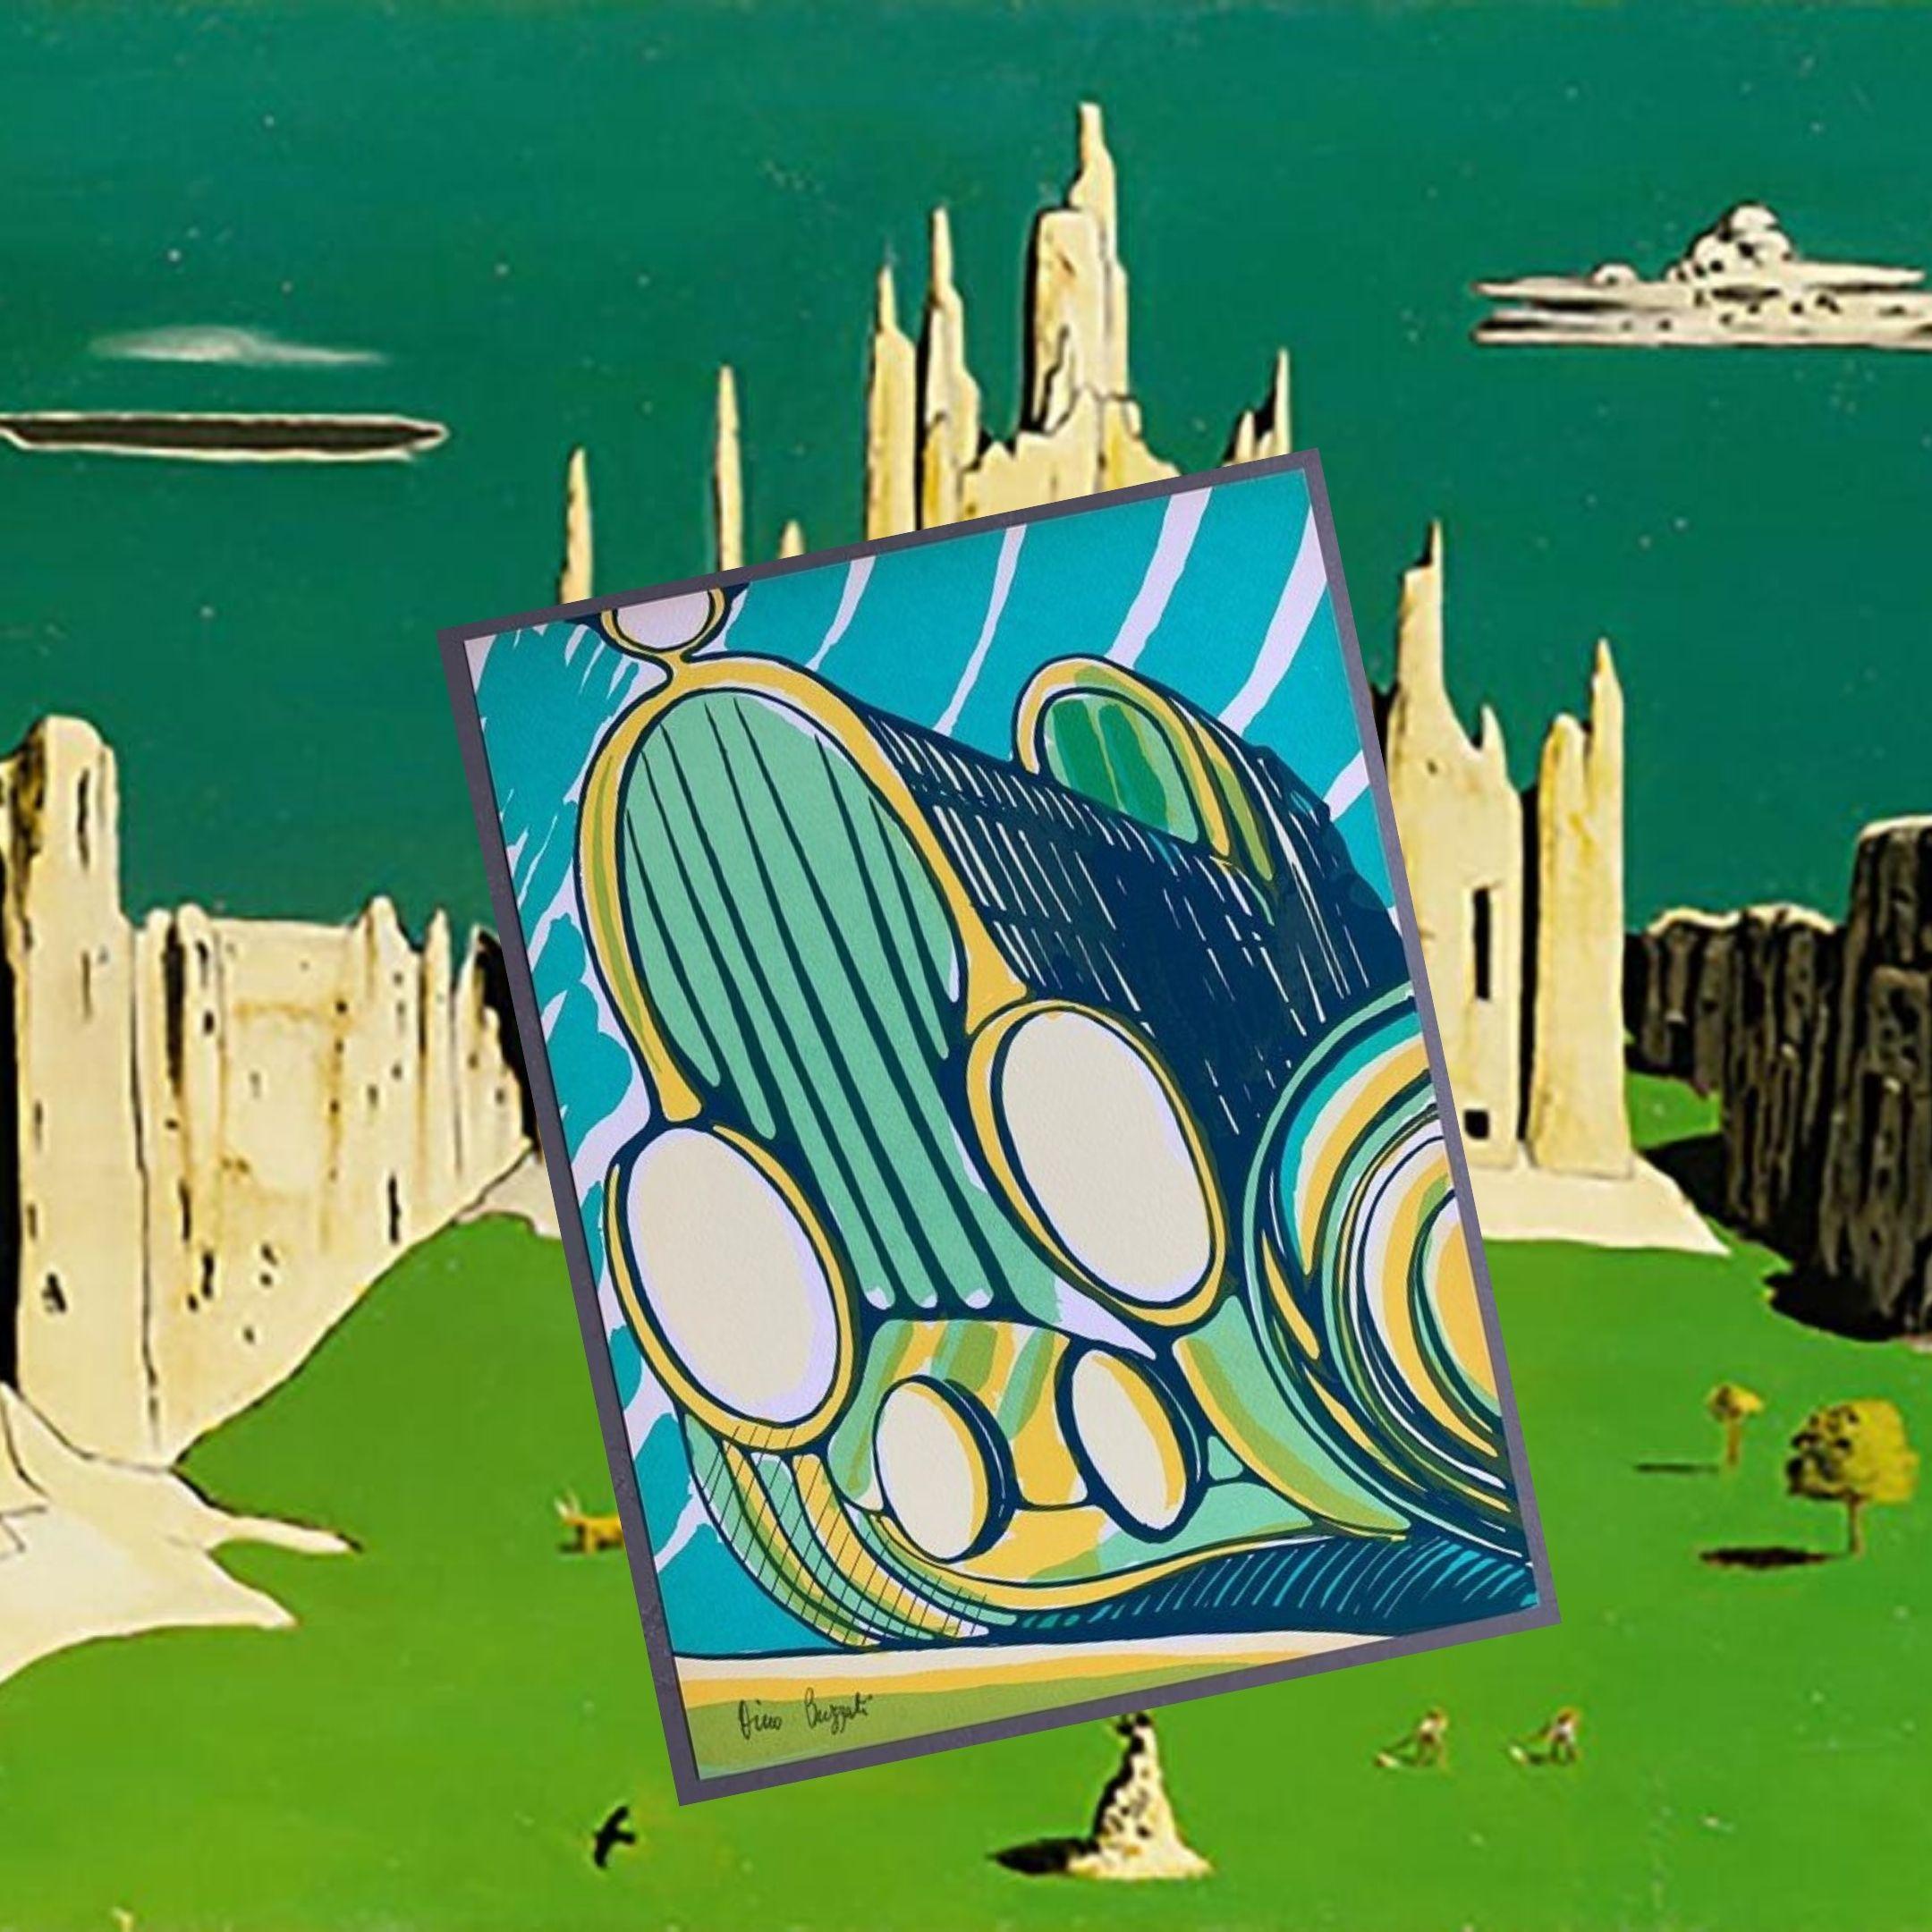 """In asta uno dei 90 esemplari di un'edizione eccezionale di Dino Buzzati: """"Vecchia auto"""" (1968) completamente illustrata dall'autore"""